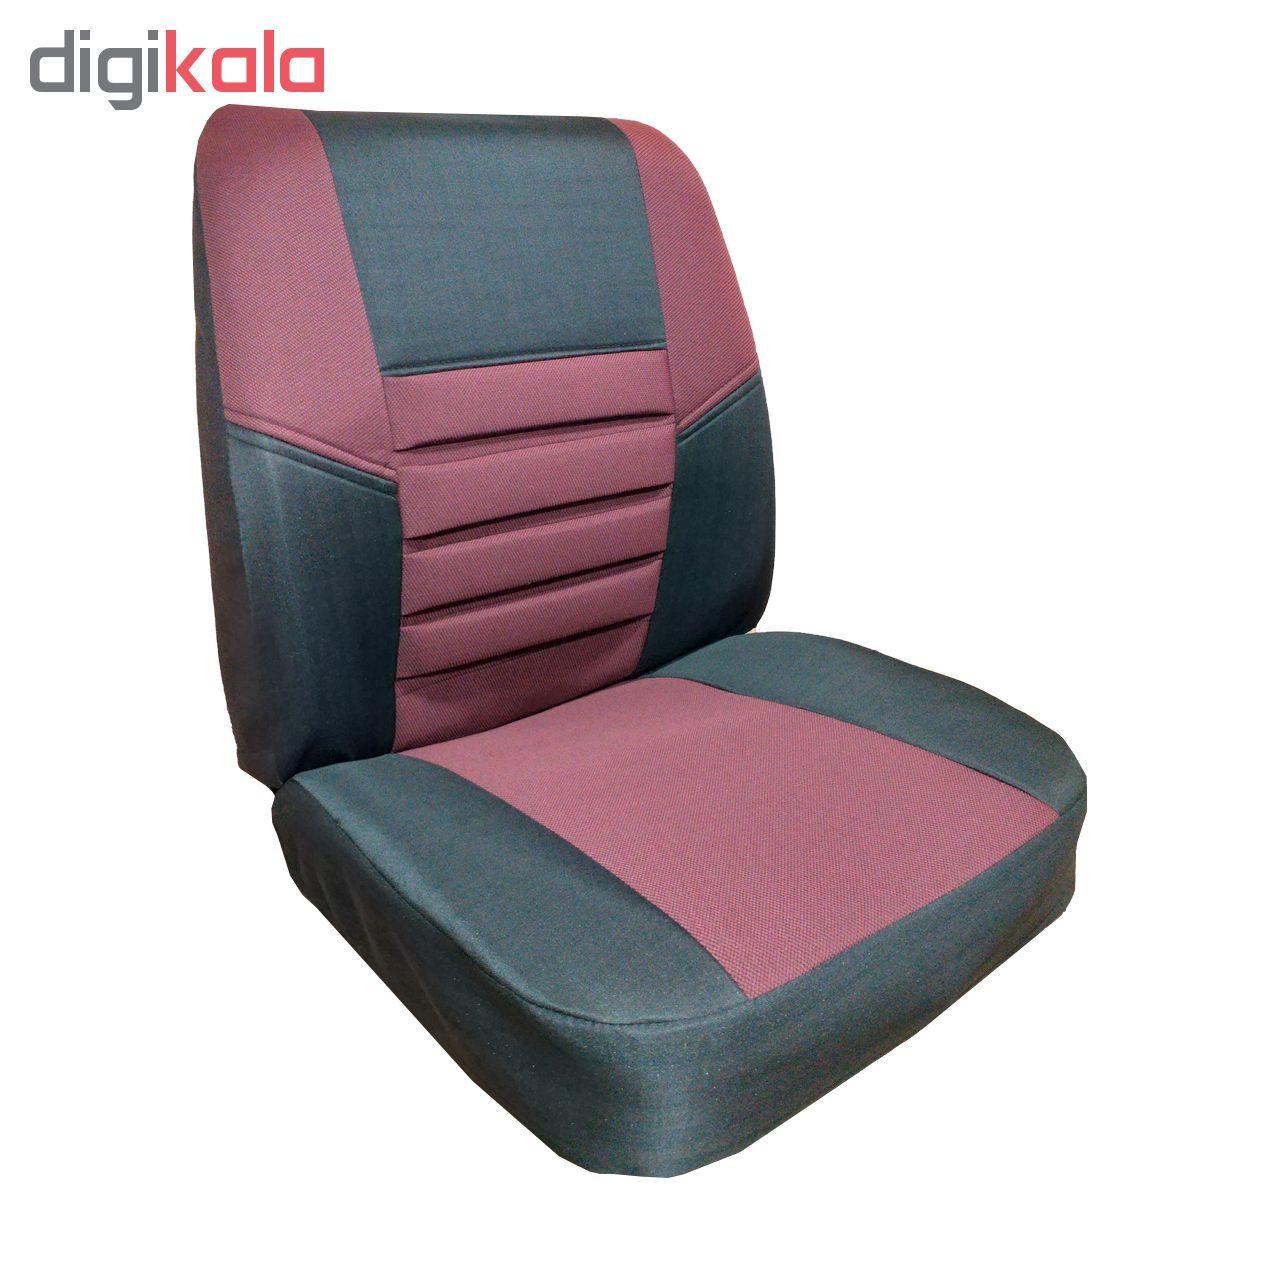 روکش صندلی خودرو مدل 2002 مناسب برای پراید صبا main 1 8